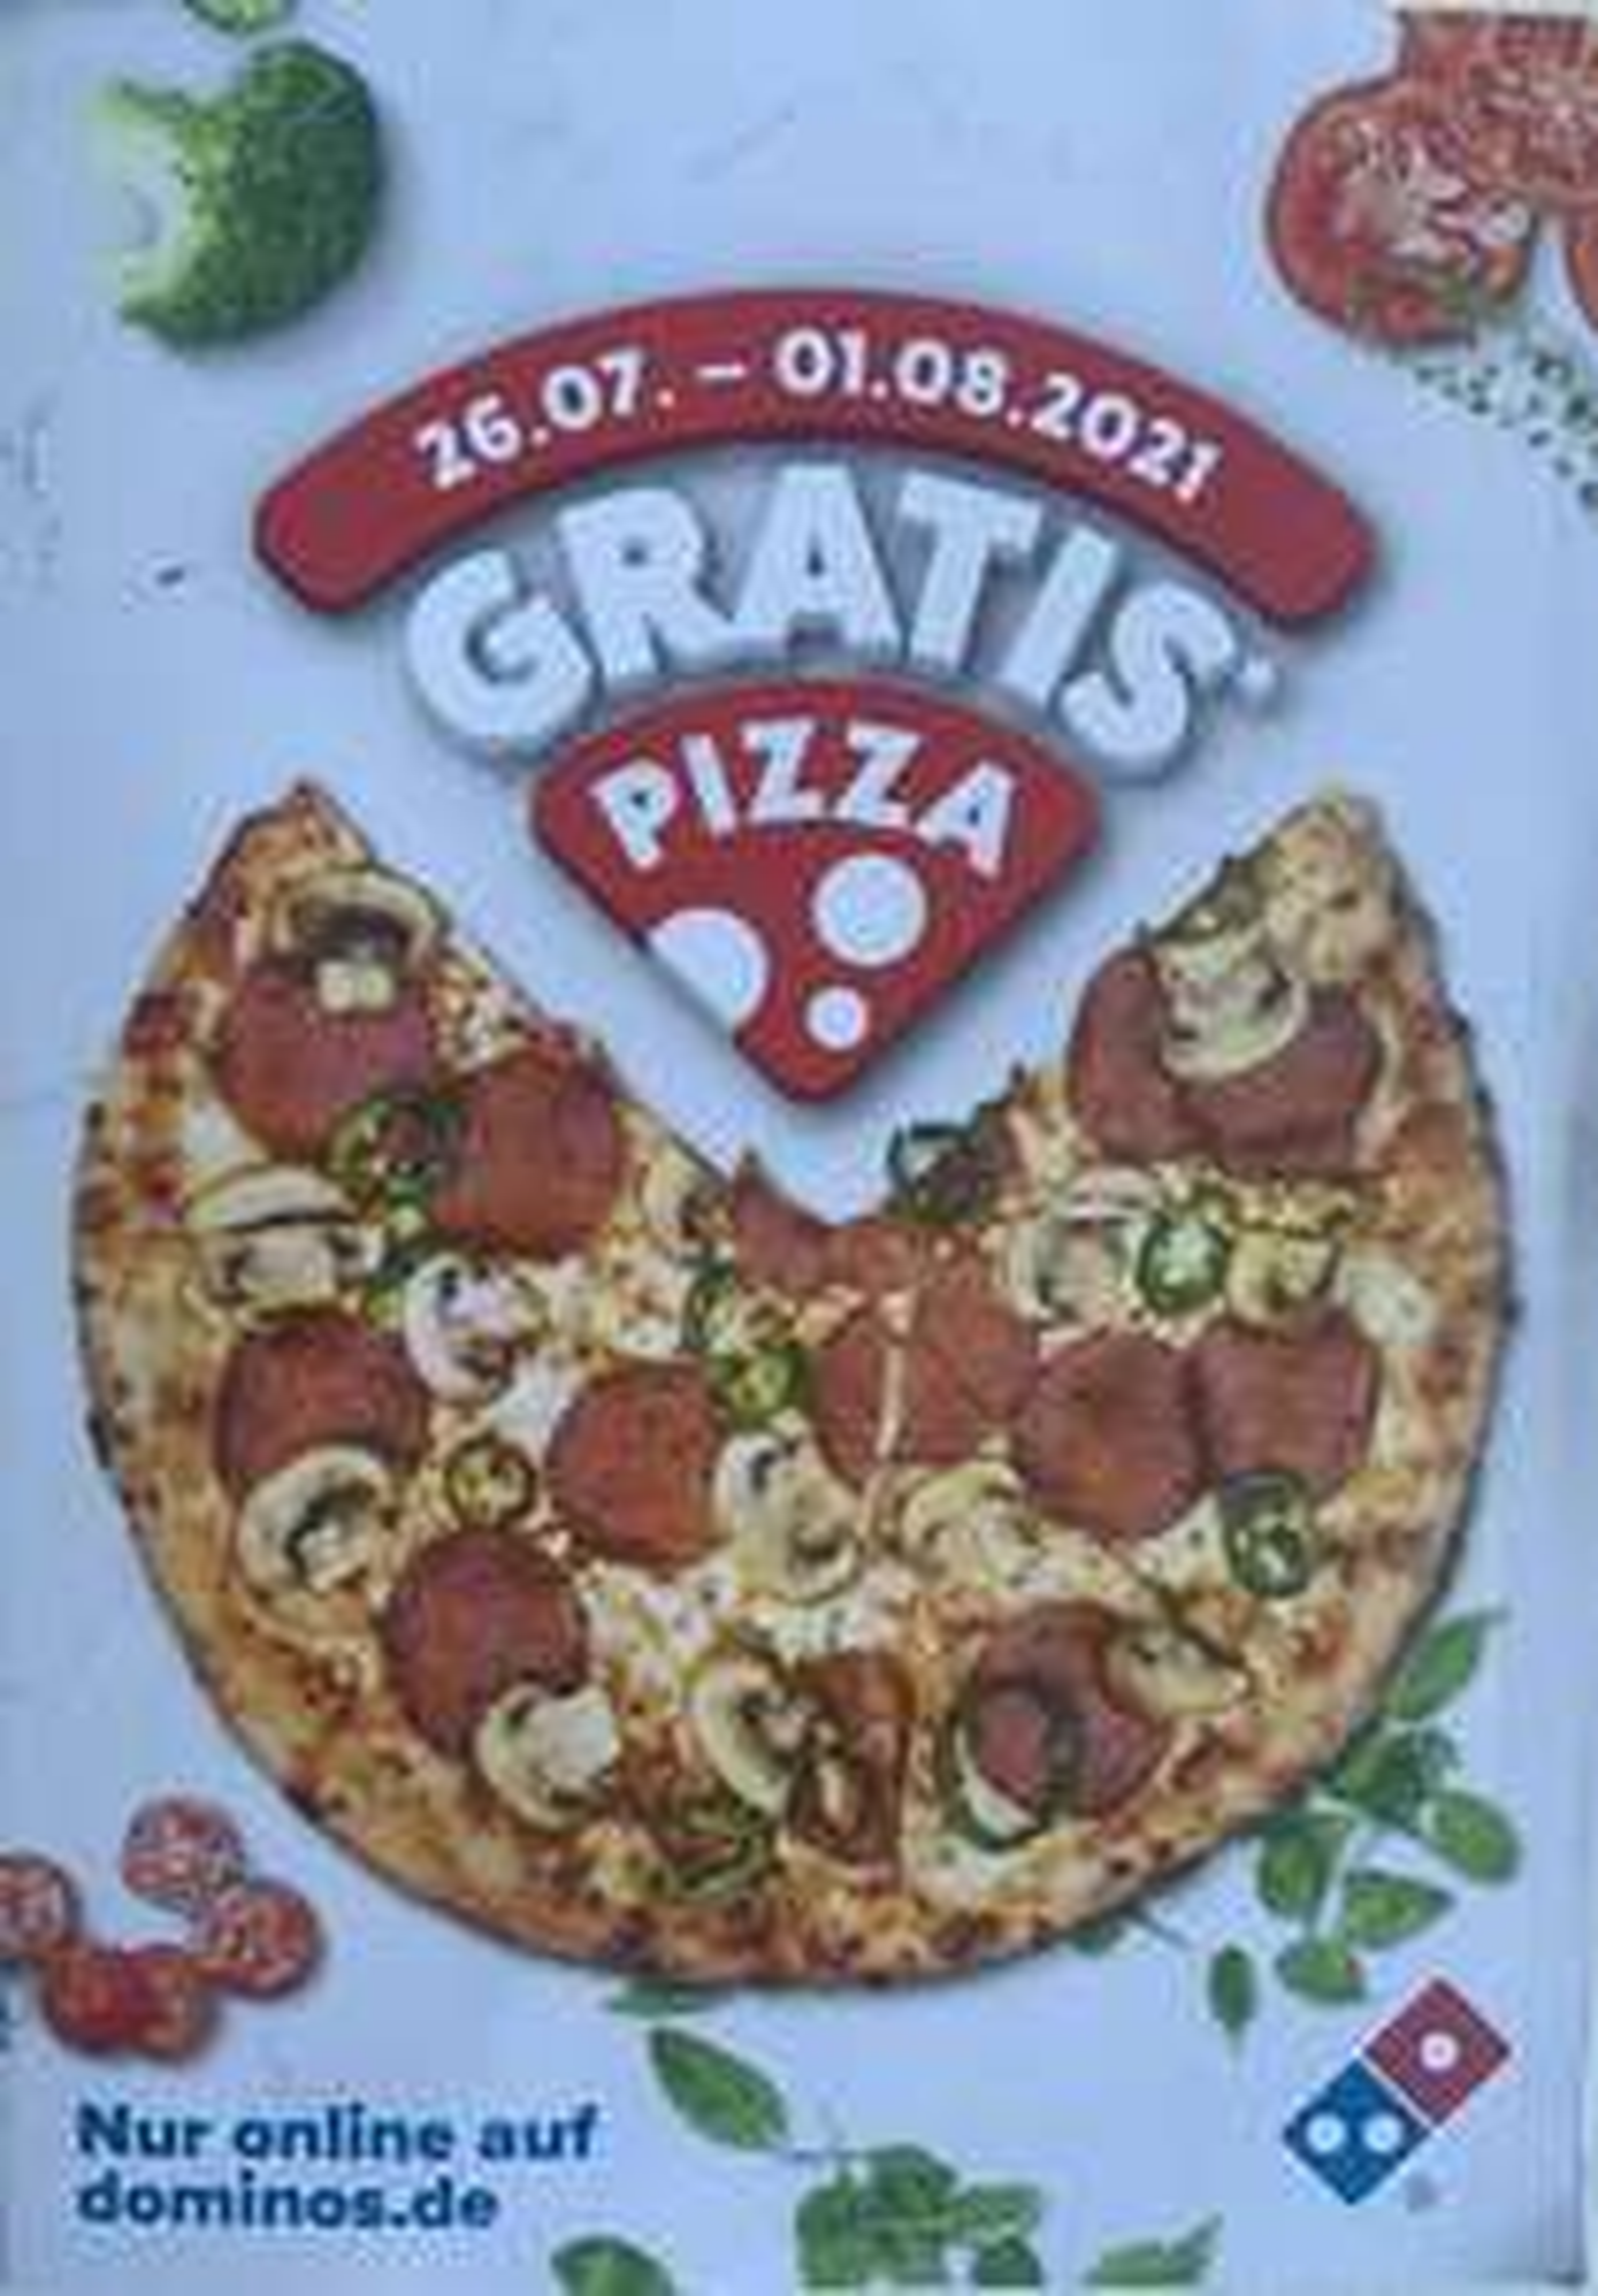 [Dominos] 2 für 1 Pizza für Abholung, 3 für 2 Pizzen für Lieferung von 26.7-1.8.21